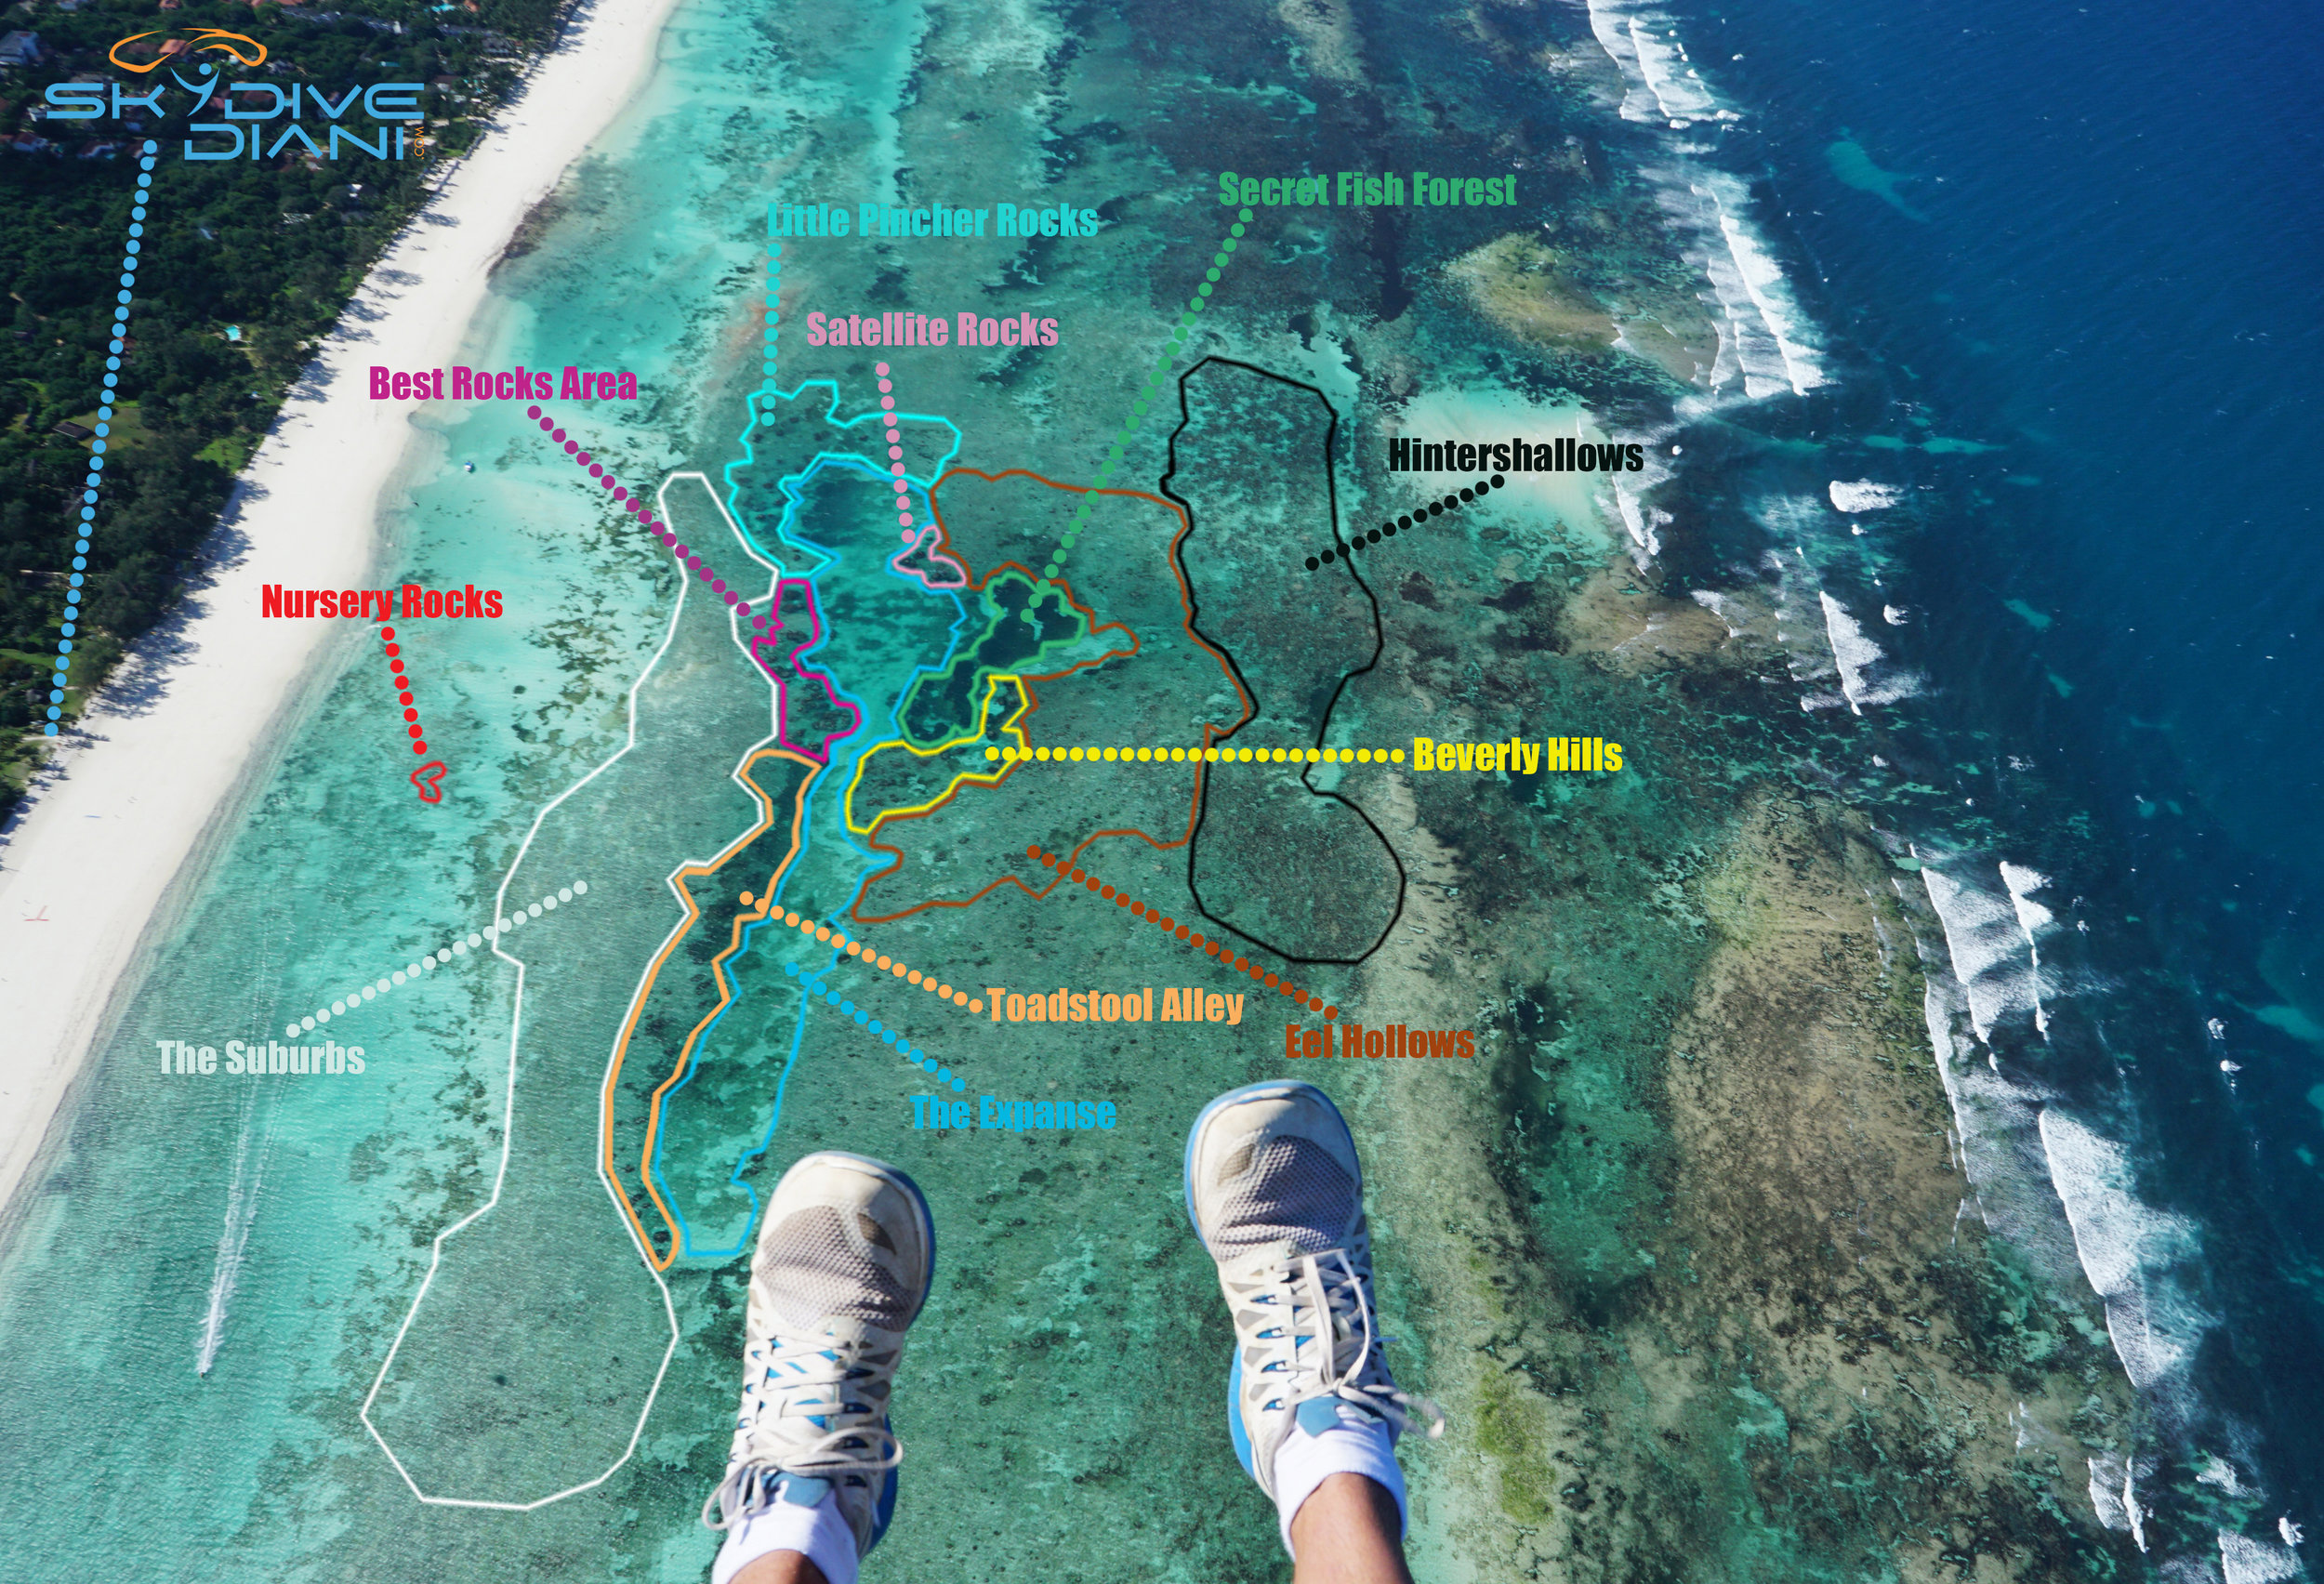 skydive diani snorkel map